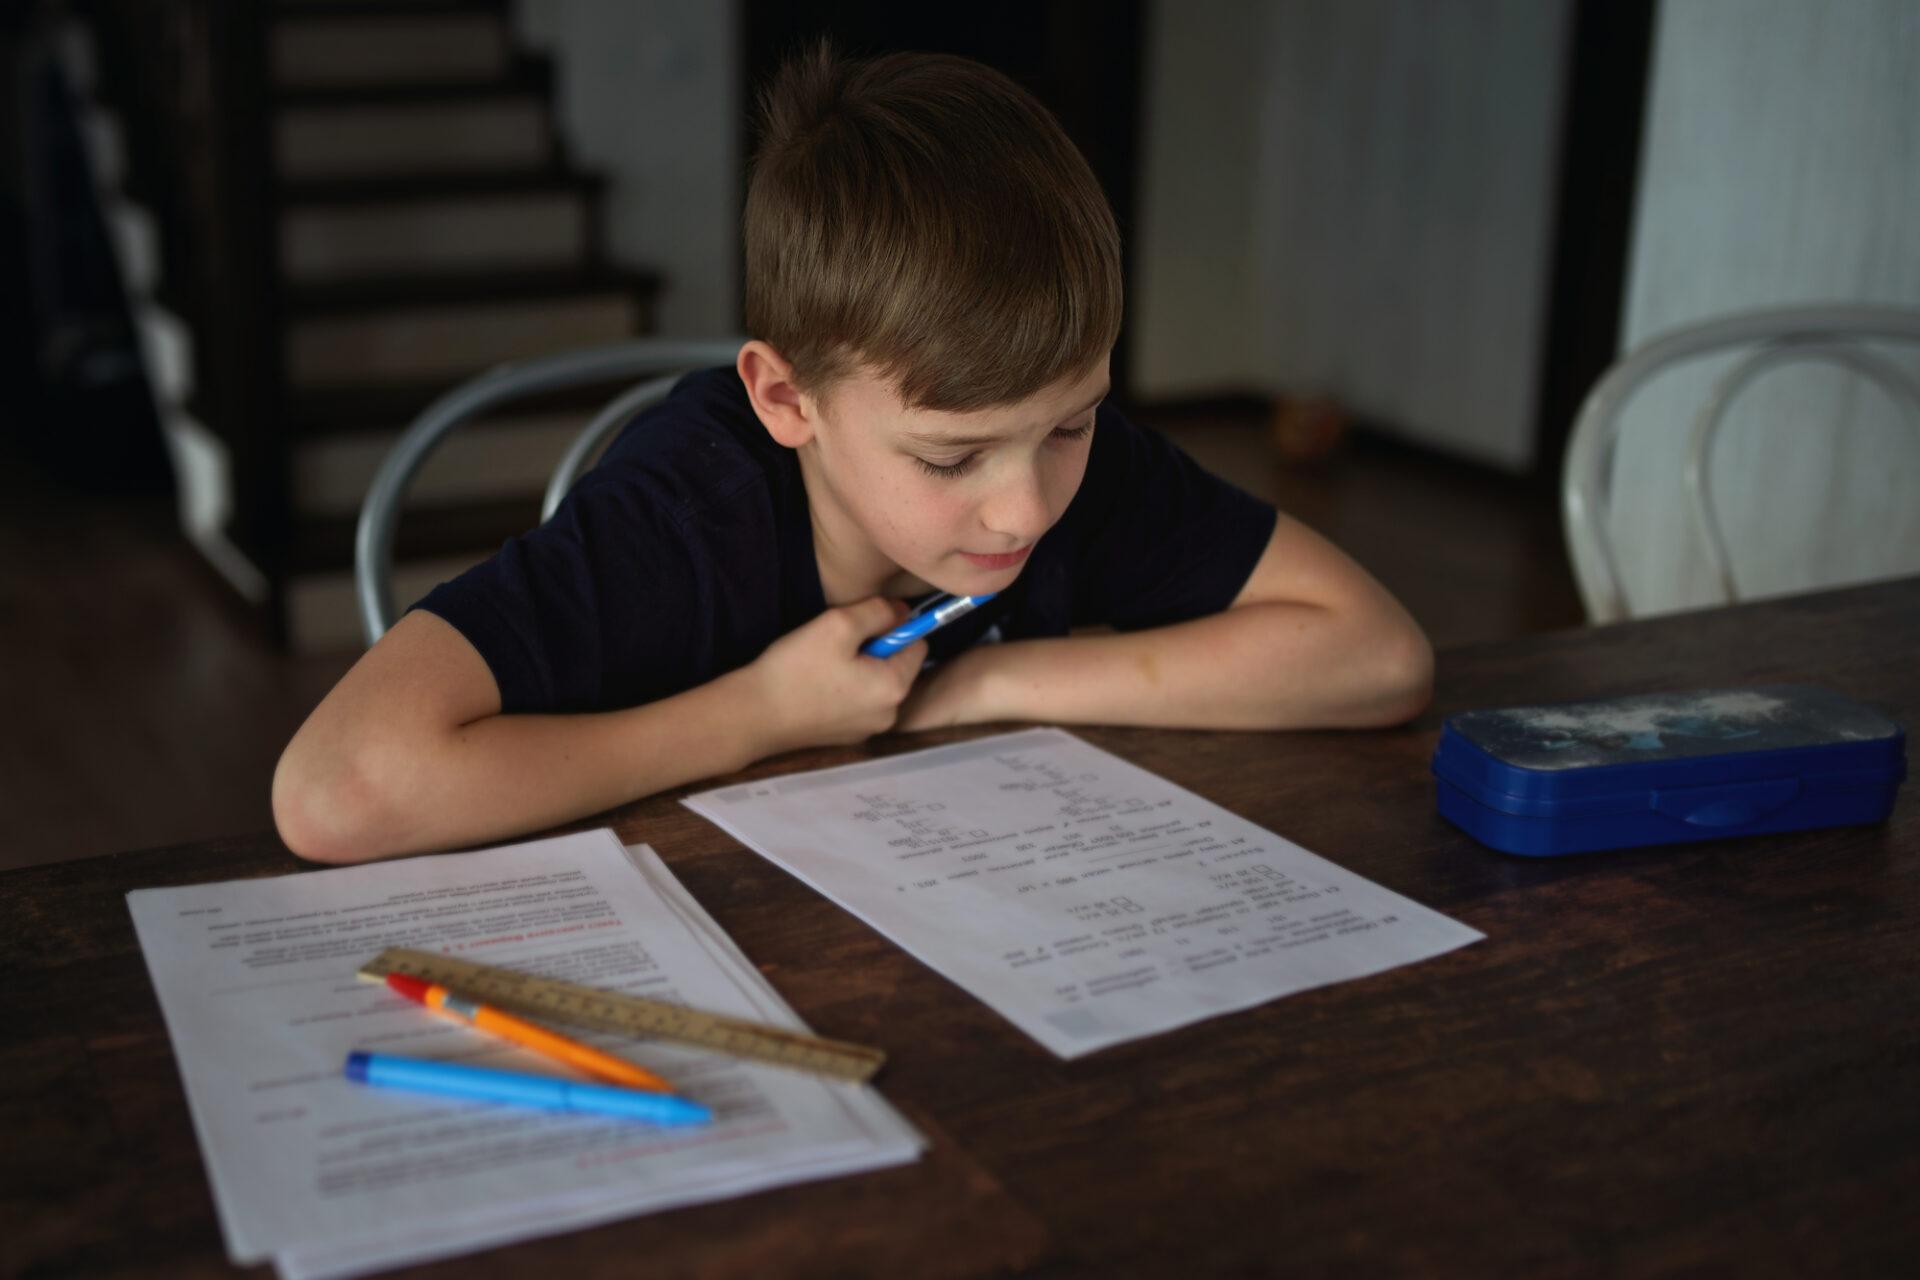 勉強の成果が出ない時の対処法